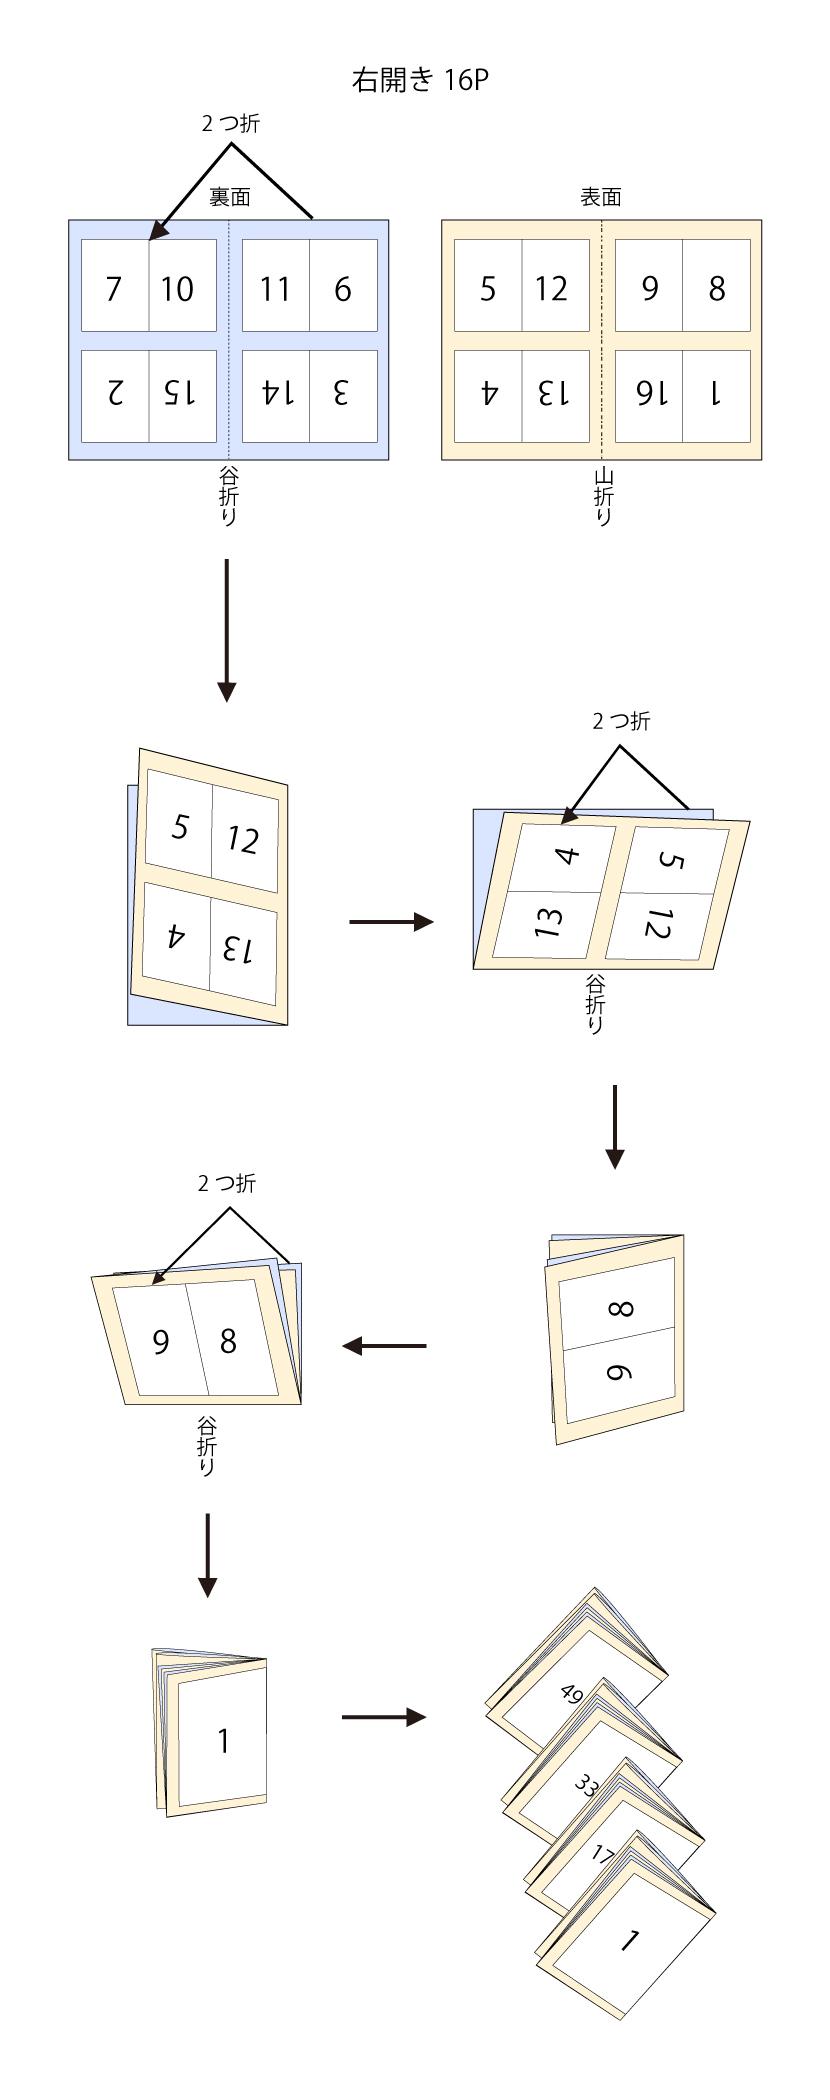 右開き16P 折り方説明イラスト